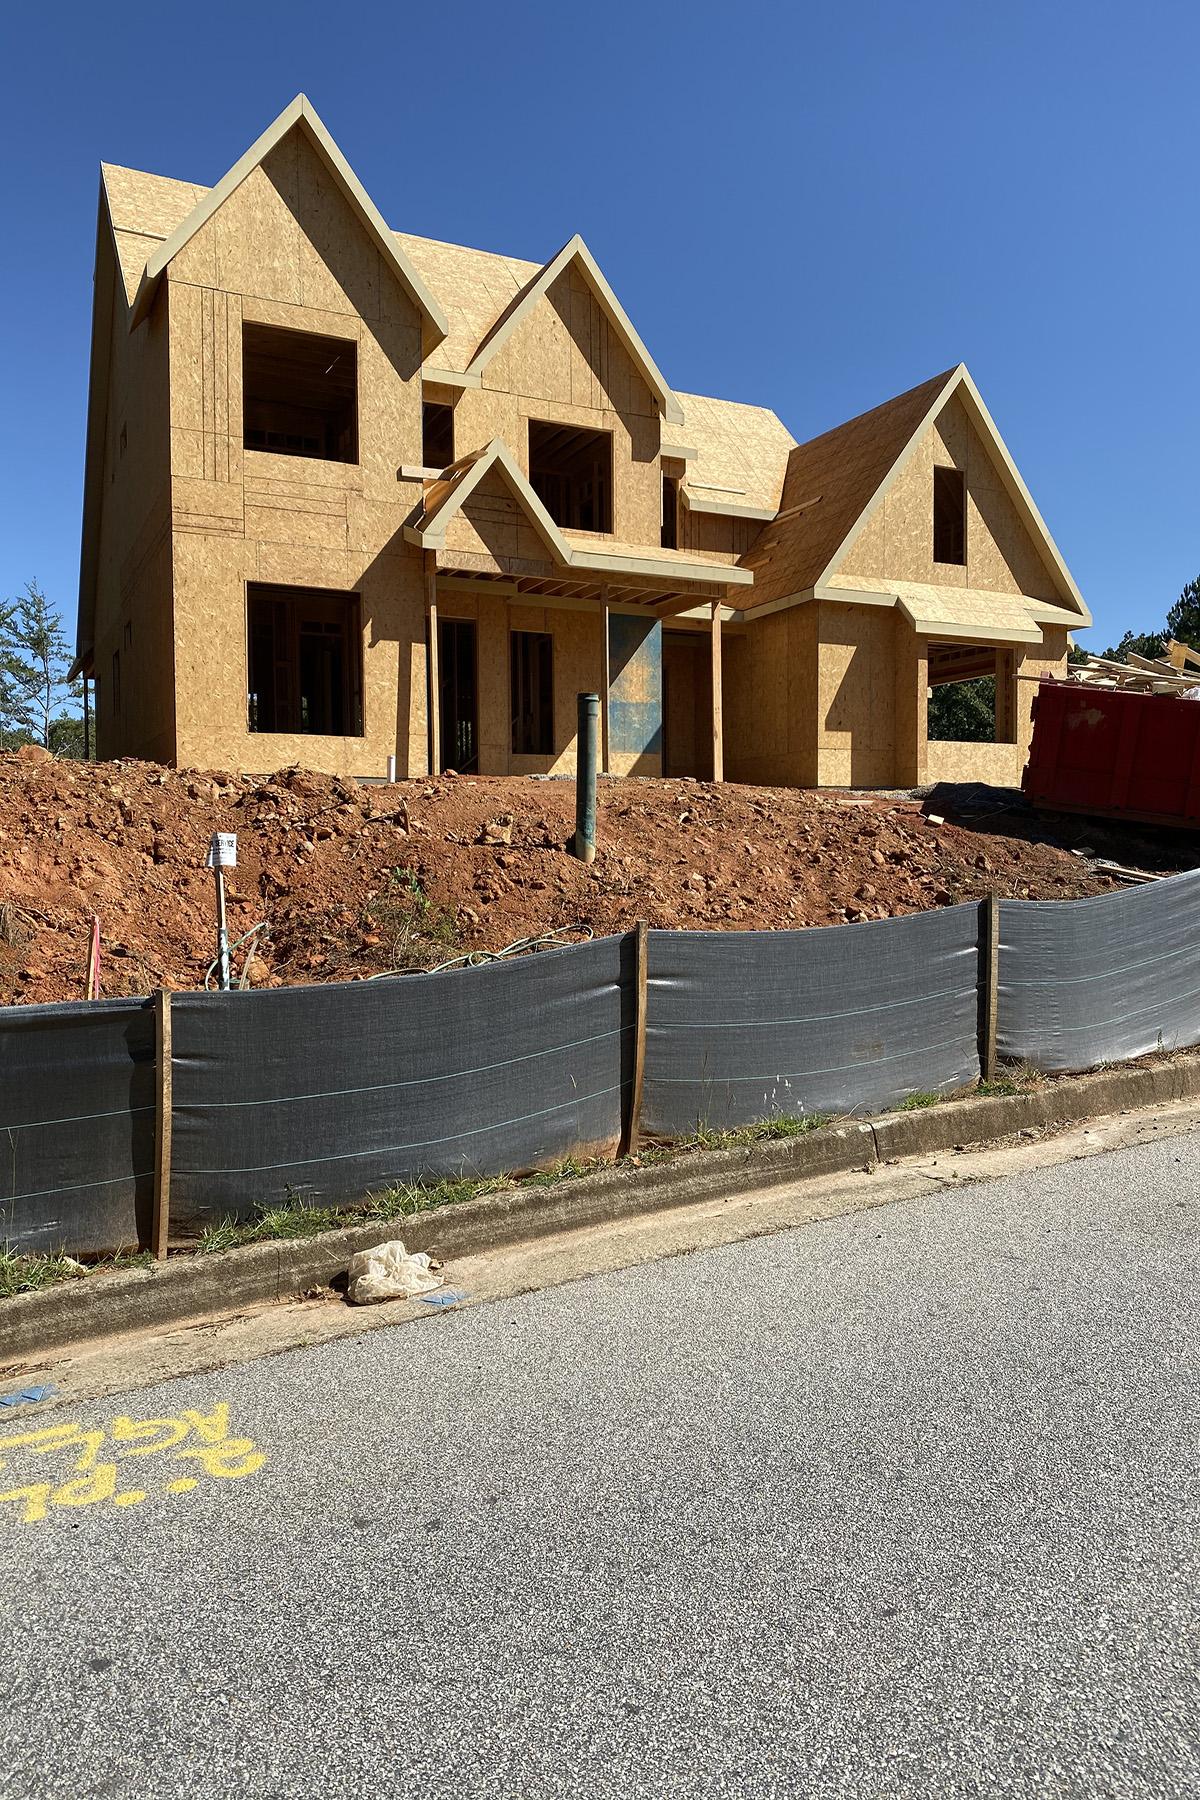 Single Family Homes için Satış at A Stunning Modern Farmhouse in Chestatee 115 Stoneridge Court, Dawsonville, Georgia 30534 Amerika Birleşik Devletleri